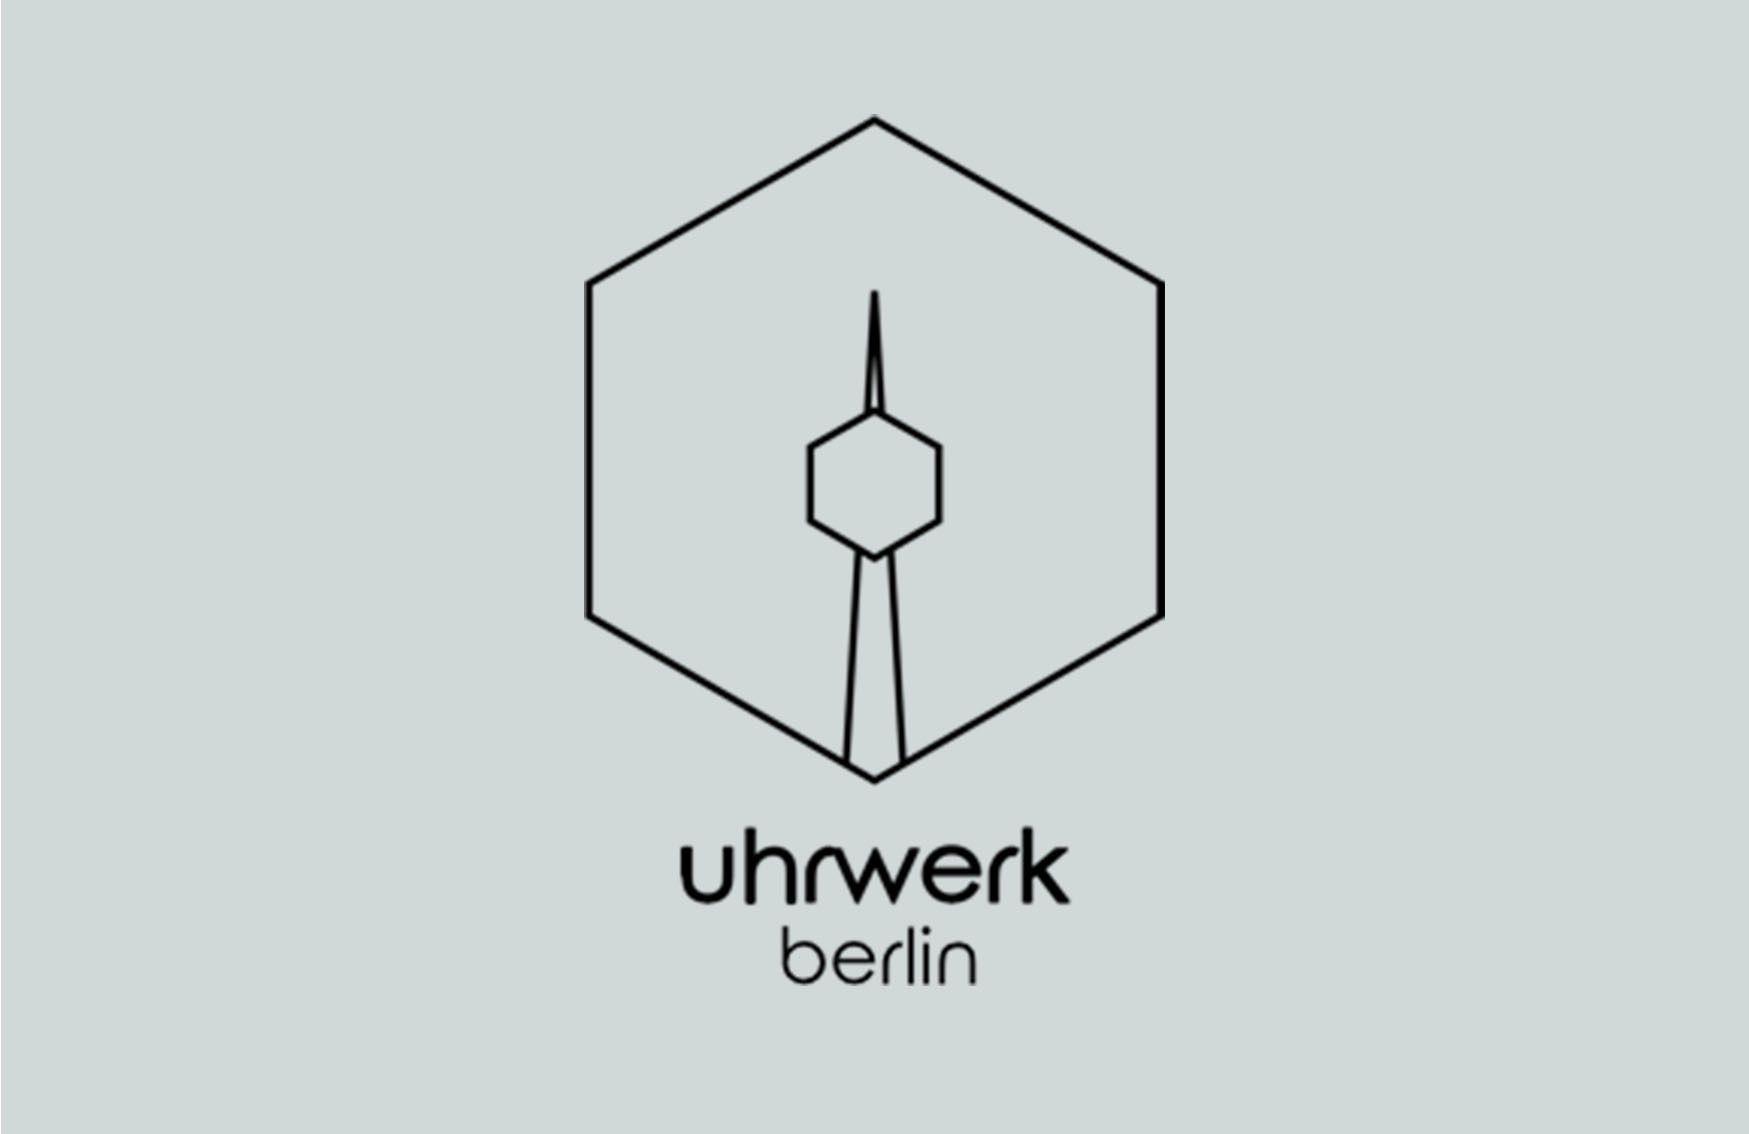 UHRWERK BERLIN